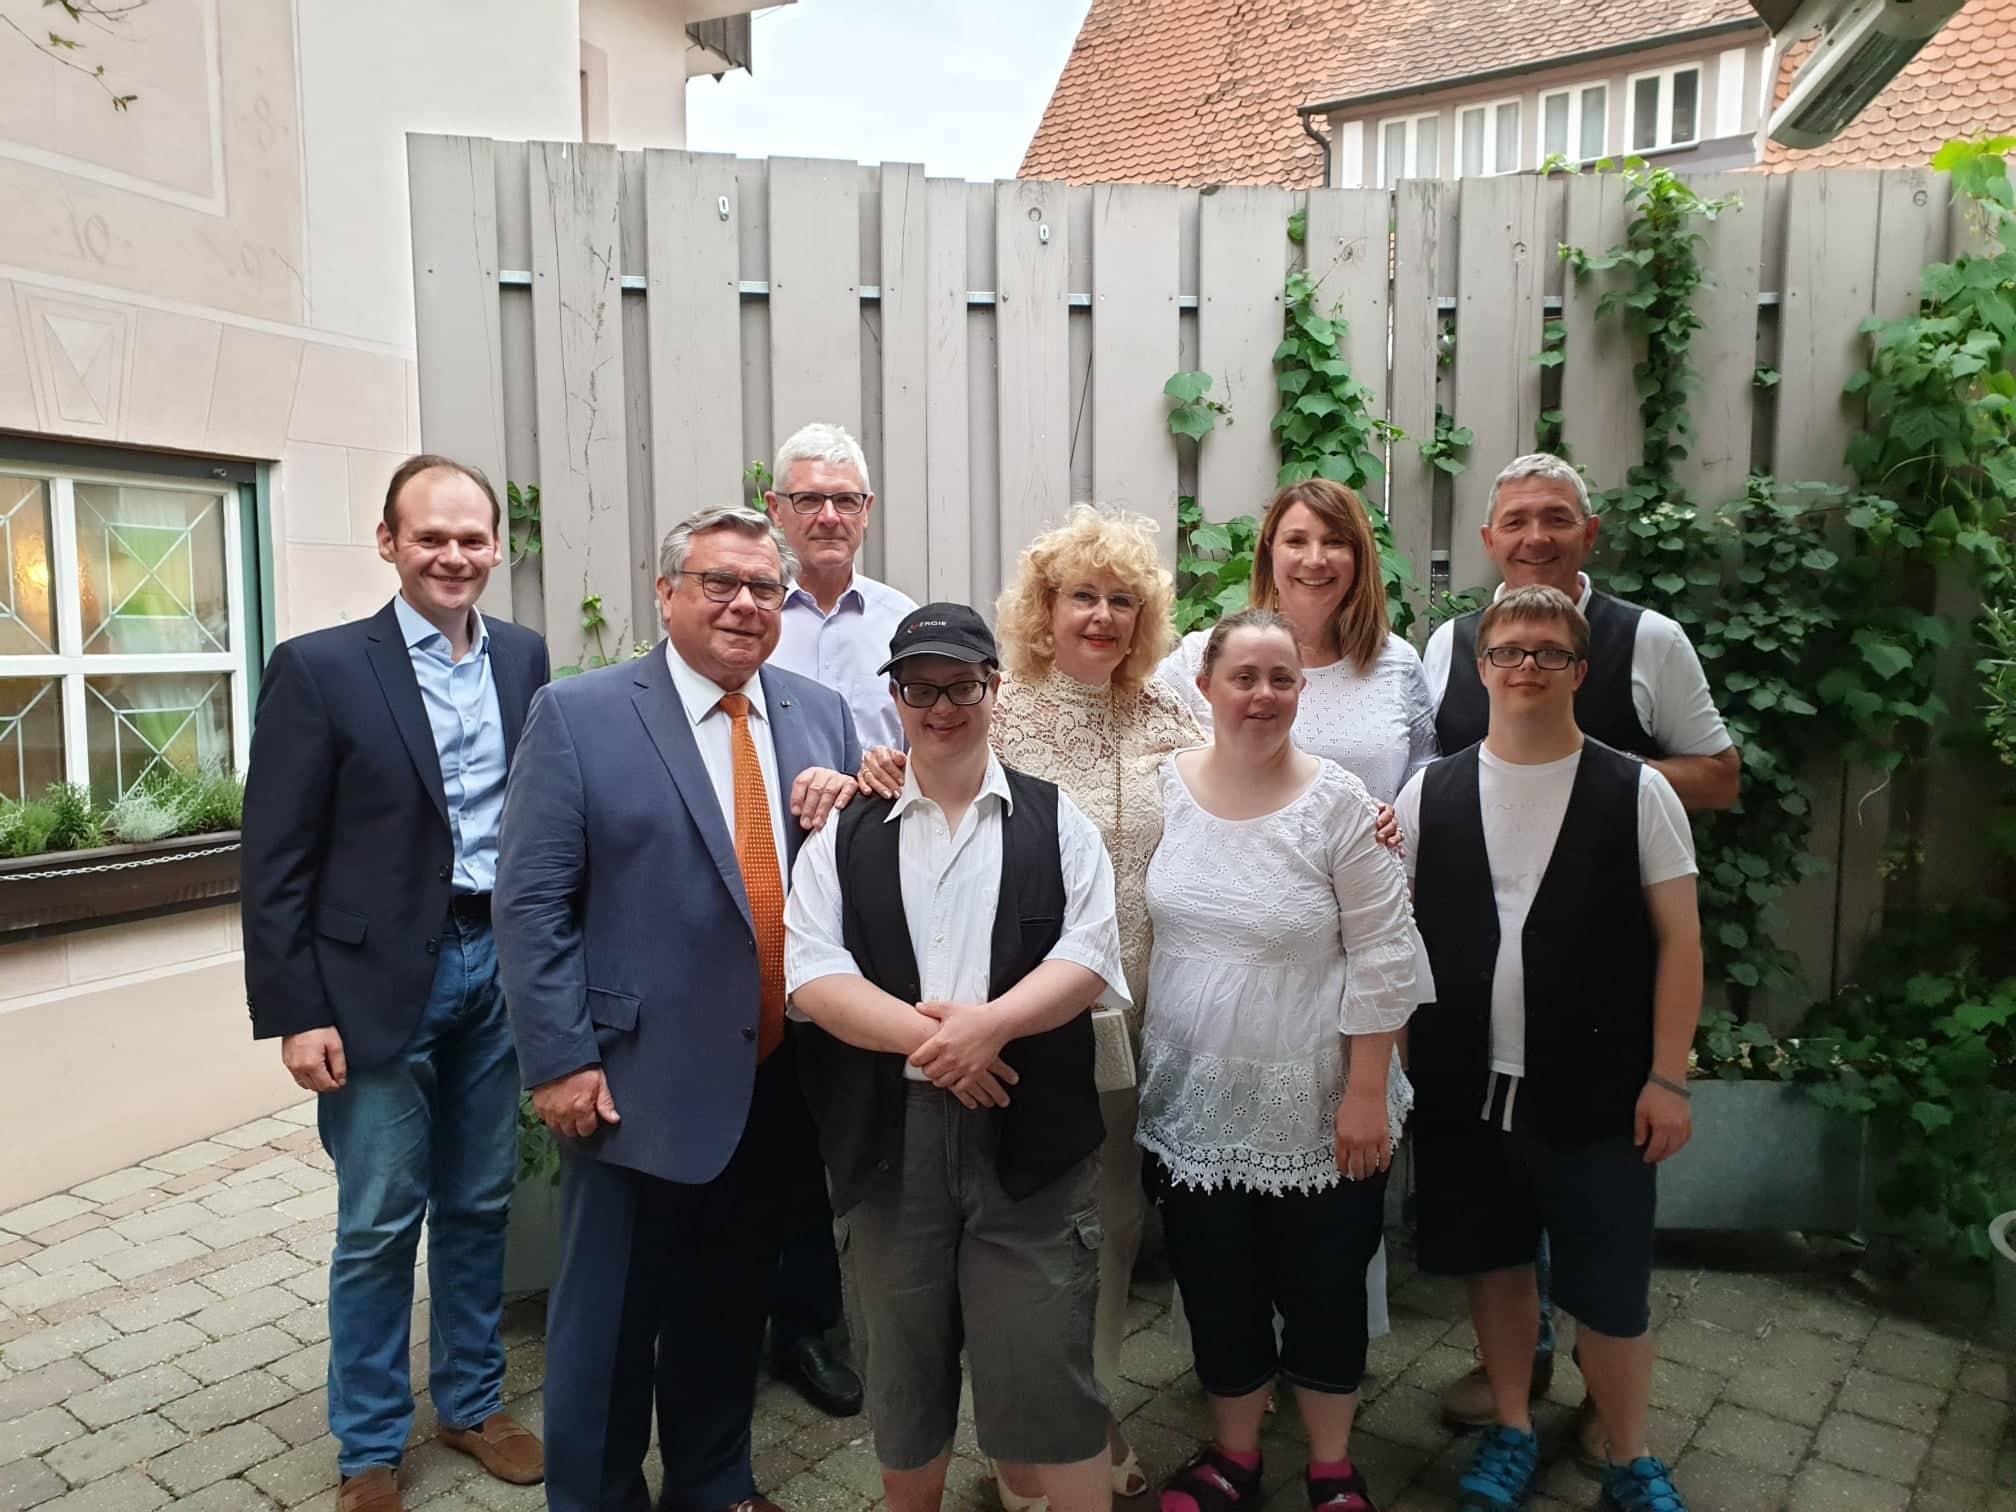 Stimmung und inklusive Glückwünsche von der Lebenshilfe-Familie für die Jubilarin Inge John zum 70. Geburtstag.